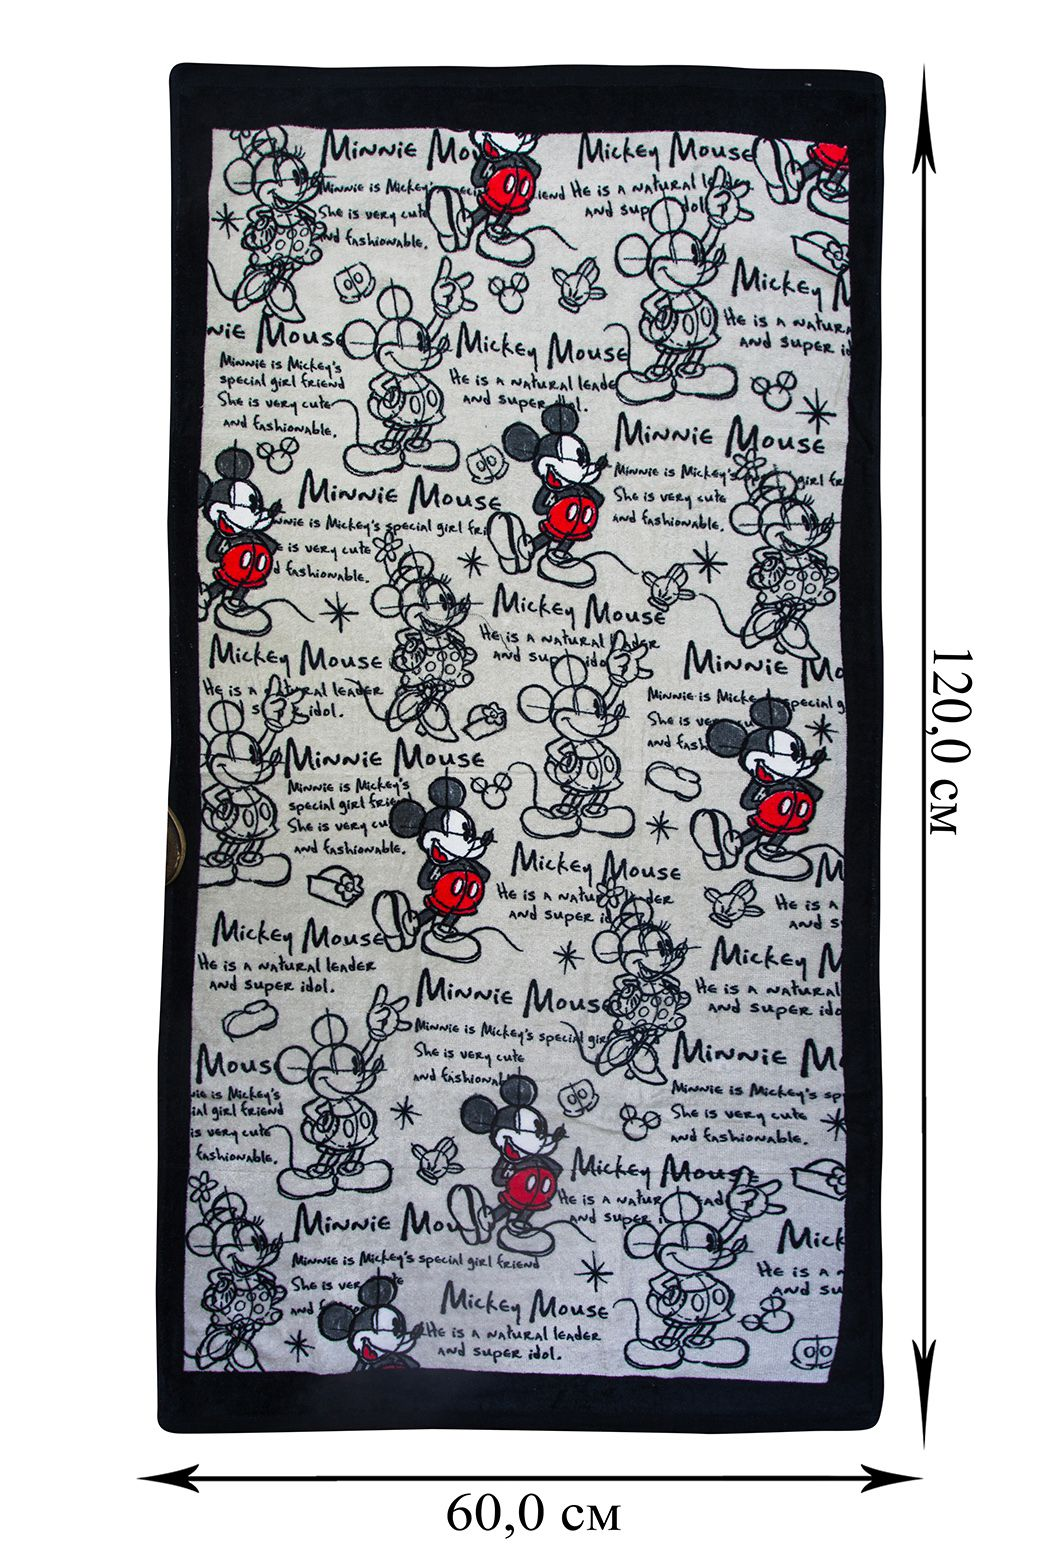 Полотенце с Микки Маусом по выгодной цене